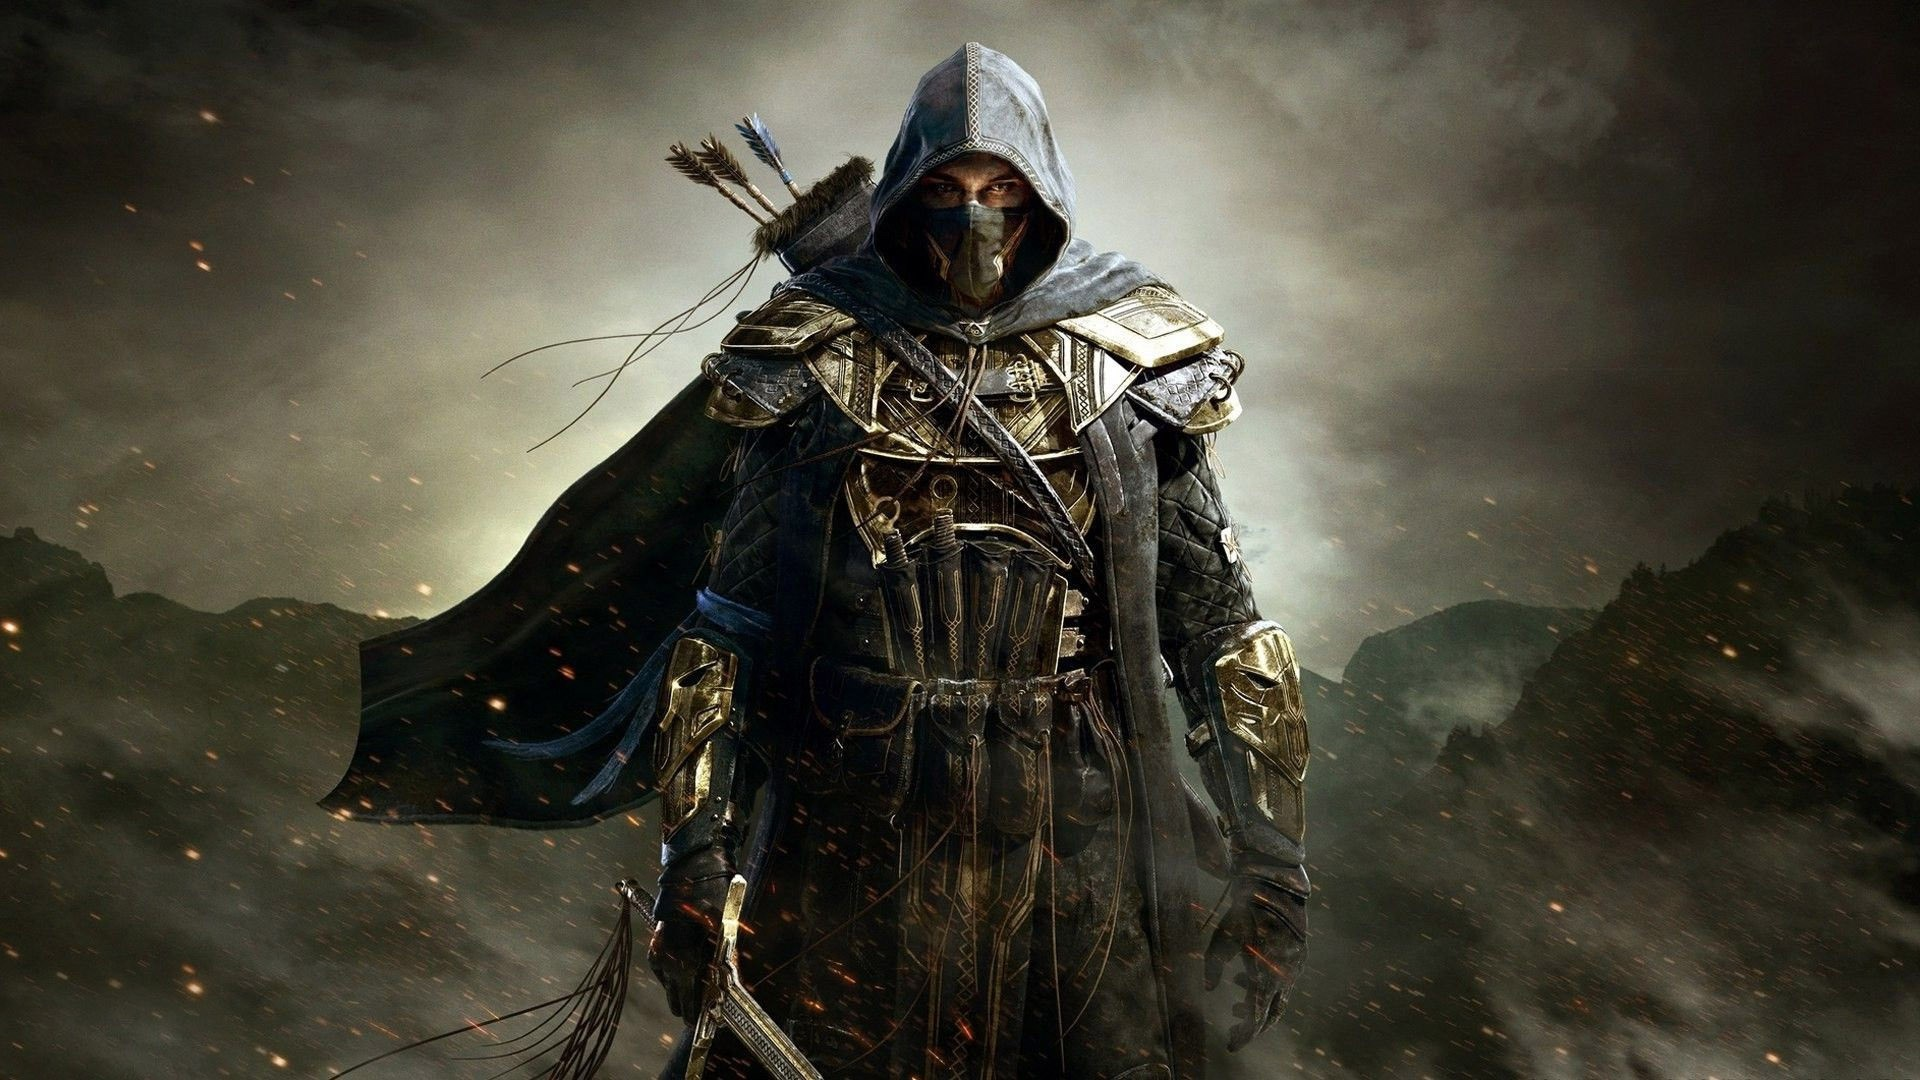 Elder Scrolls hd wallpaper download